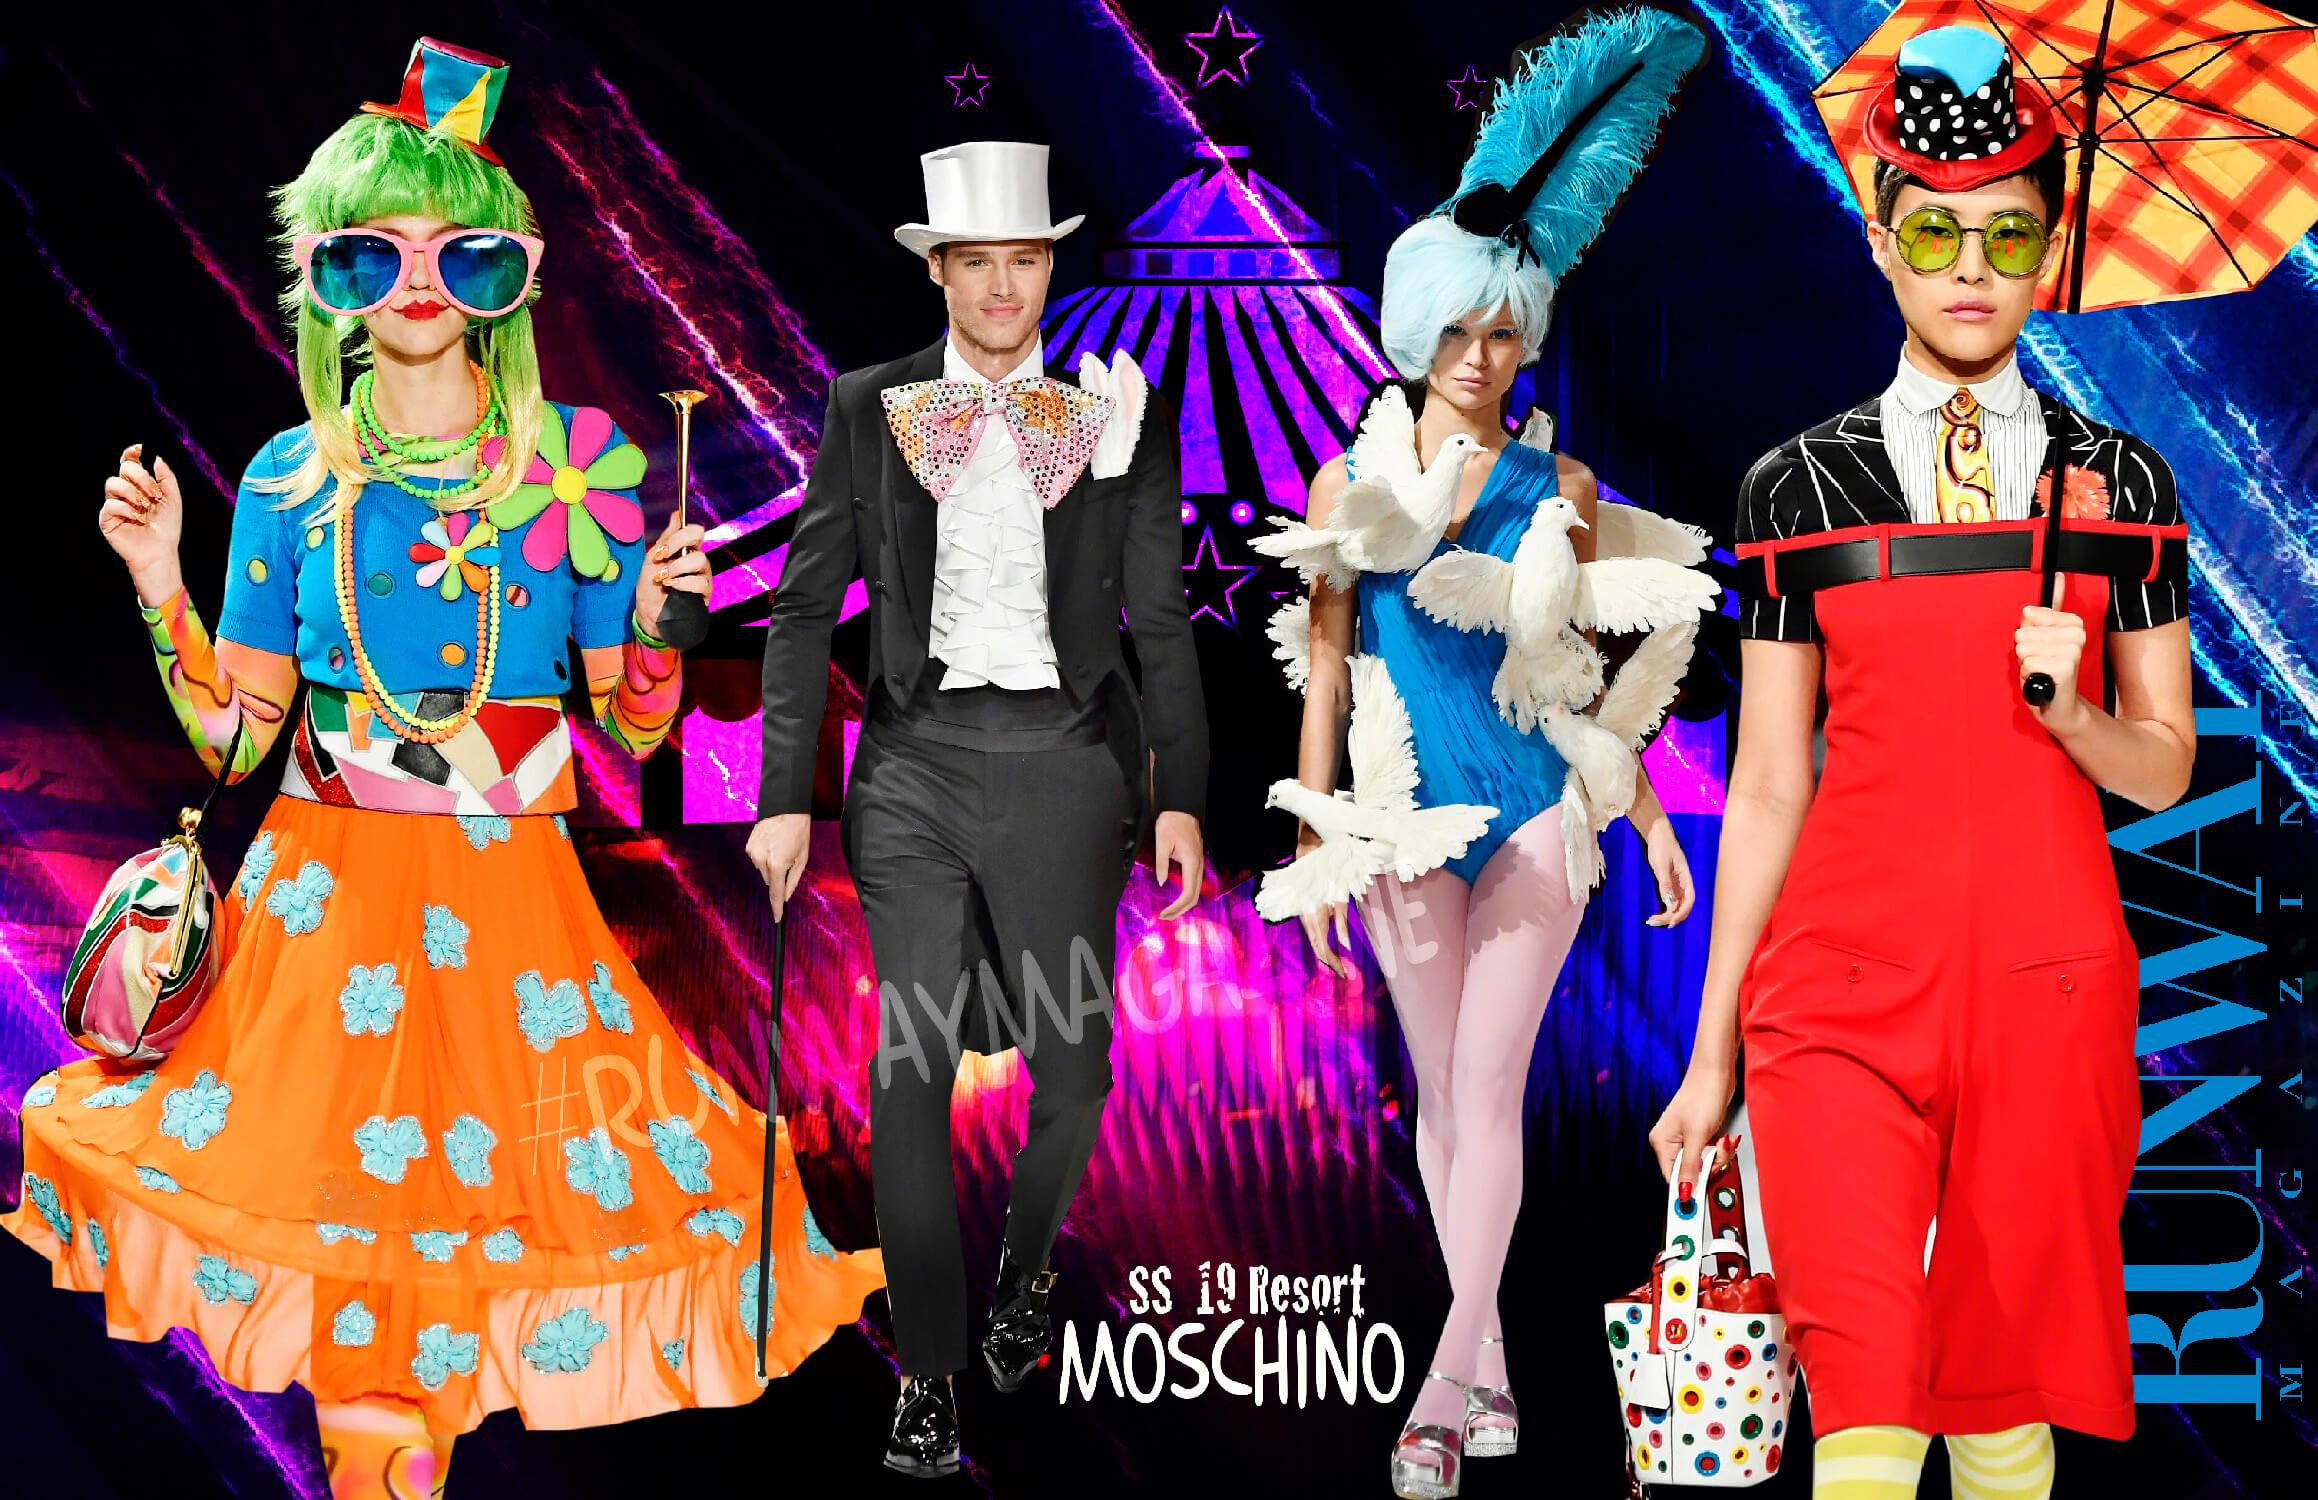 Moschino Circus Resort 2019 Los Angeles by Runway Magazine